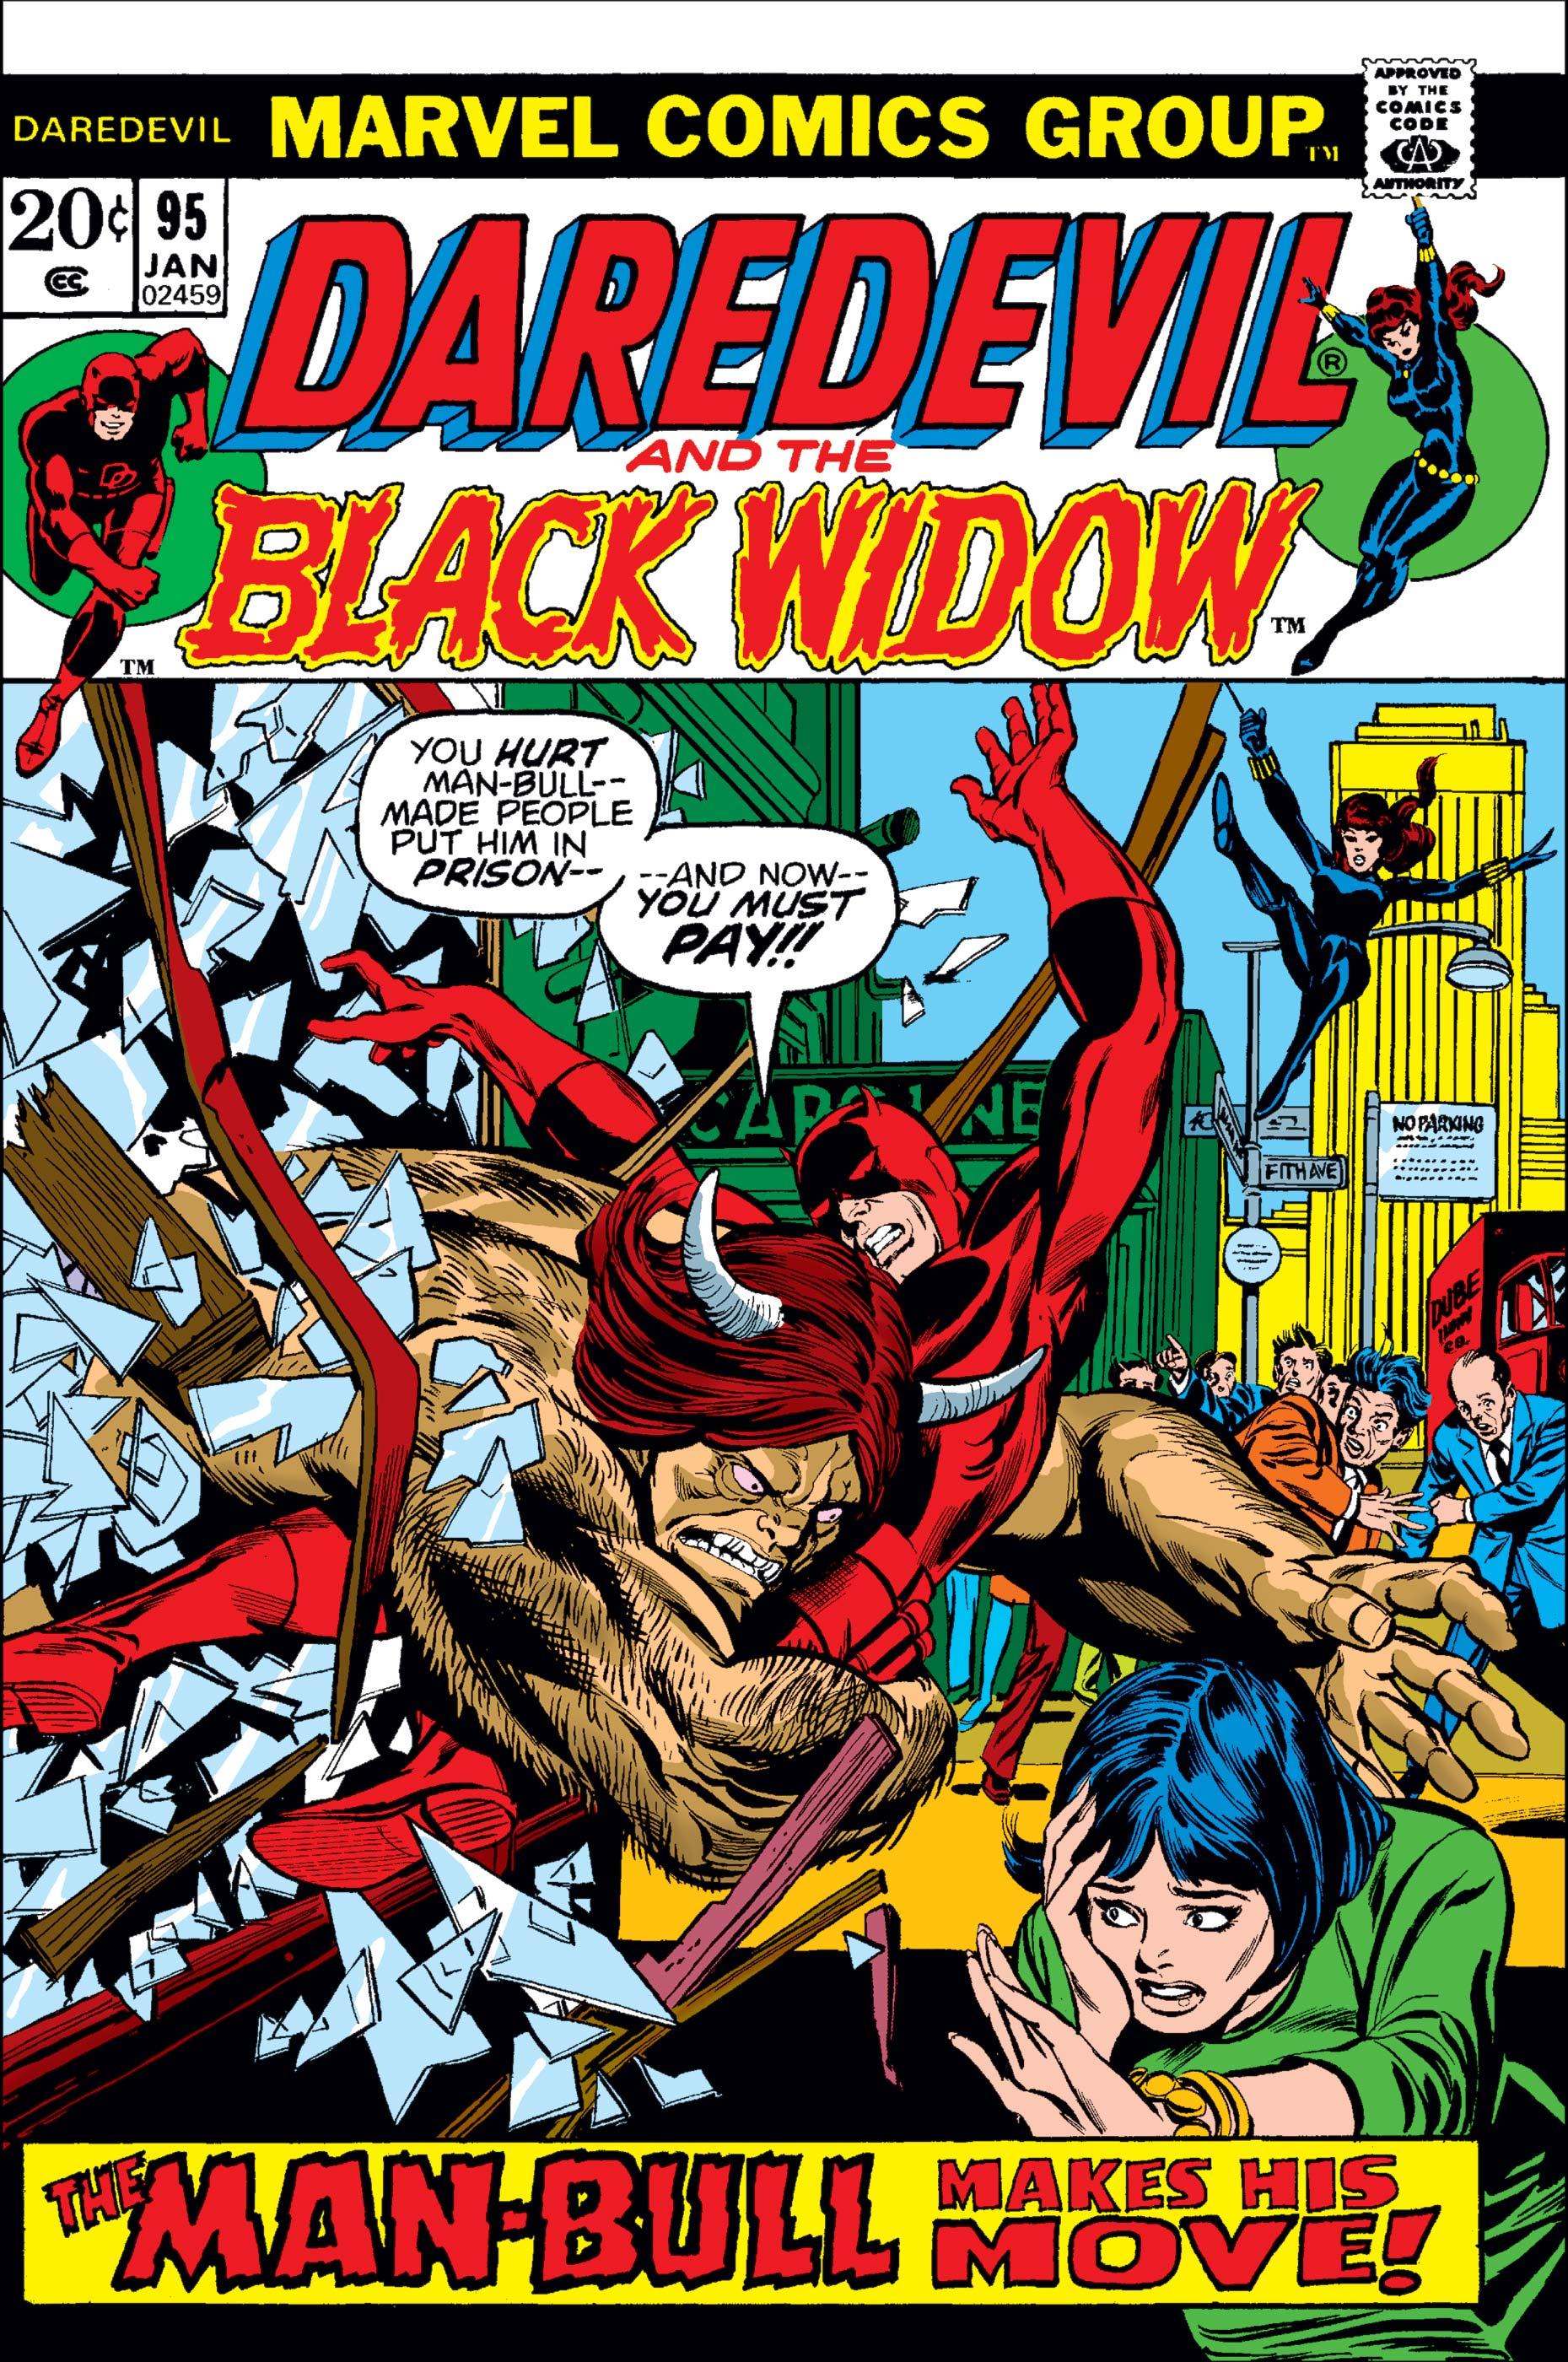 Daredevil (1964) #95